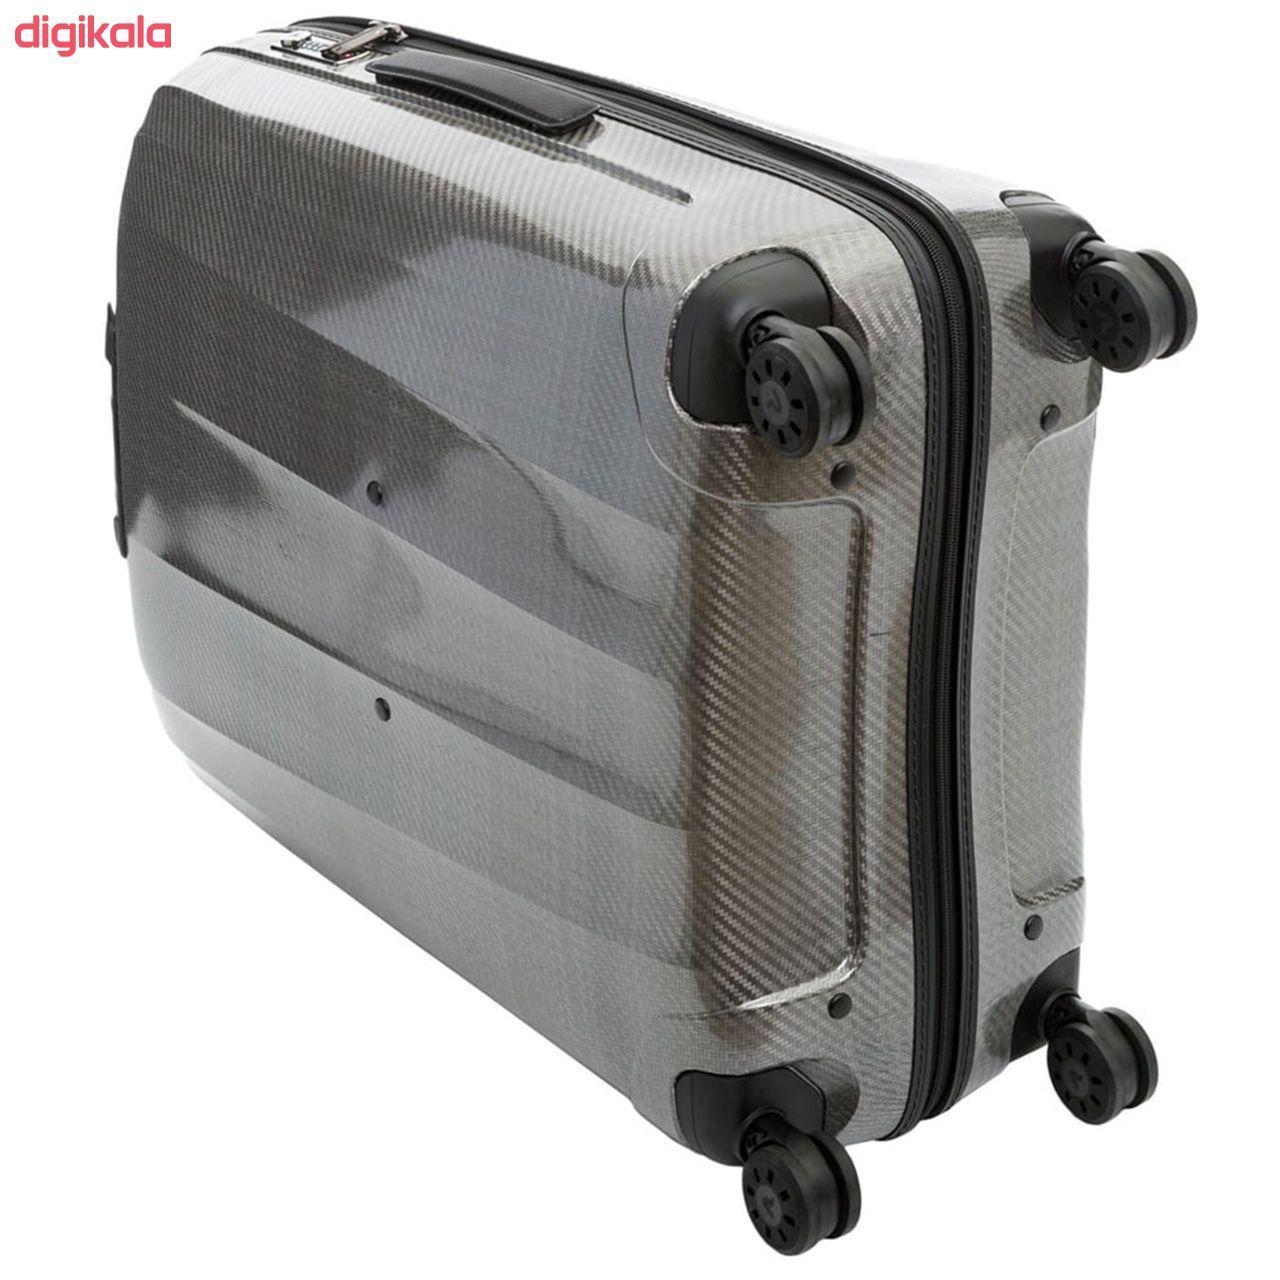 مجموعه سه عددی چمدان رونکاتو مدل 5950 main 1 10